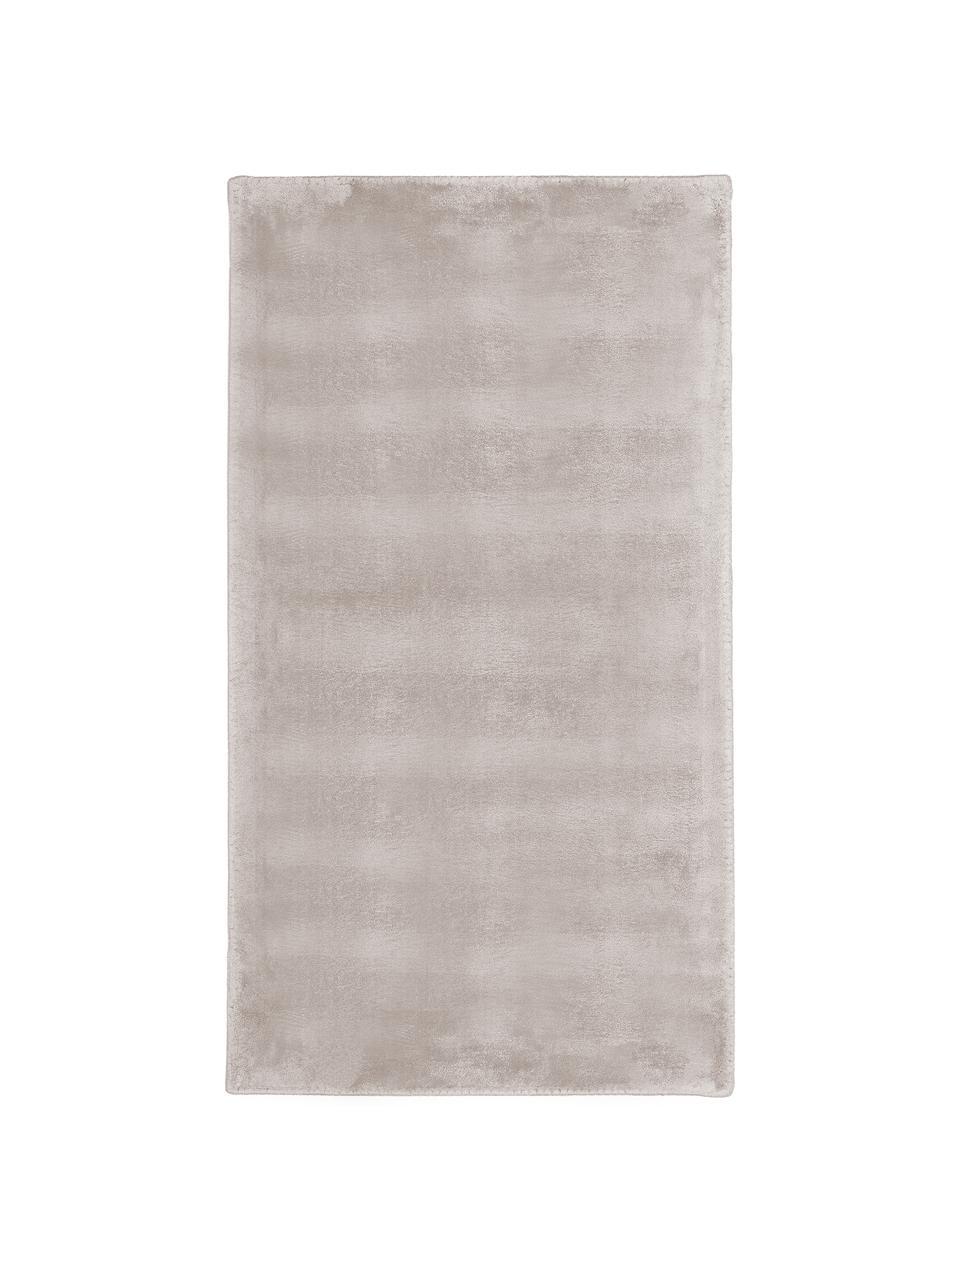 Tappeto morbido in viscosa scintillante Grace, Retro: 100% poliestere, Taupe, Larg. 80 x Lung. 150 cm (taglia XS)